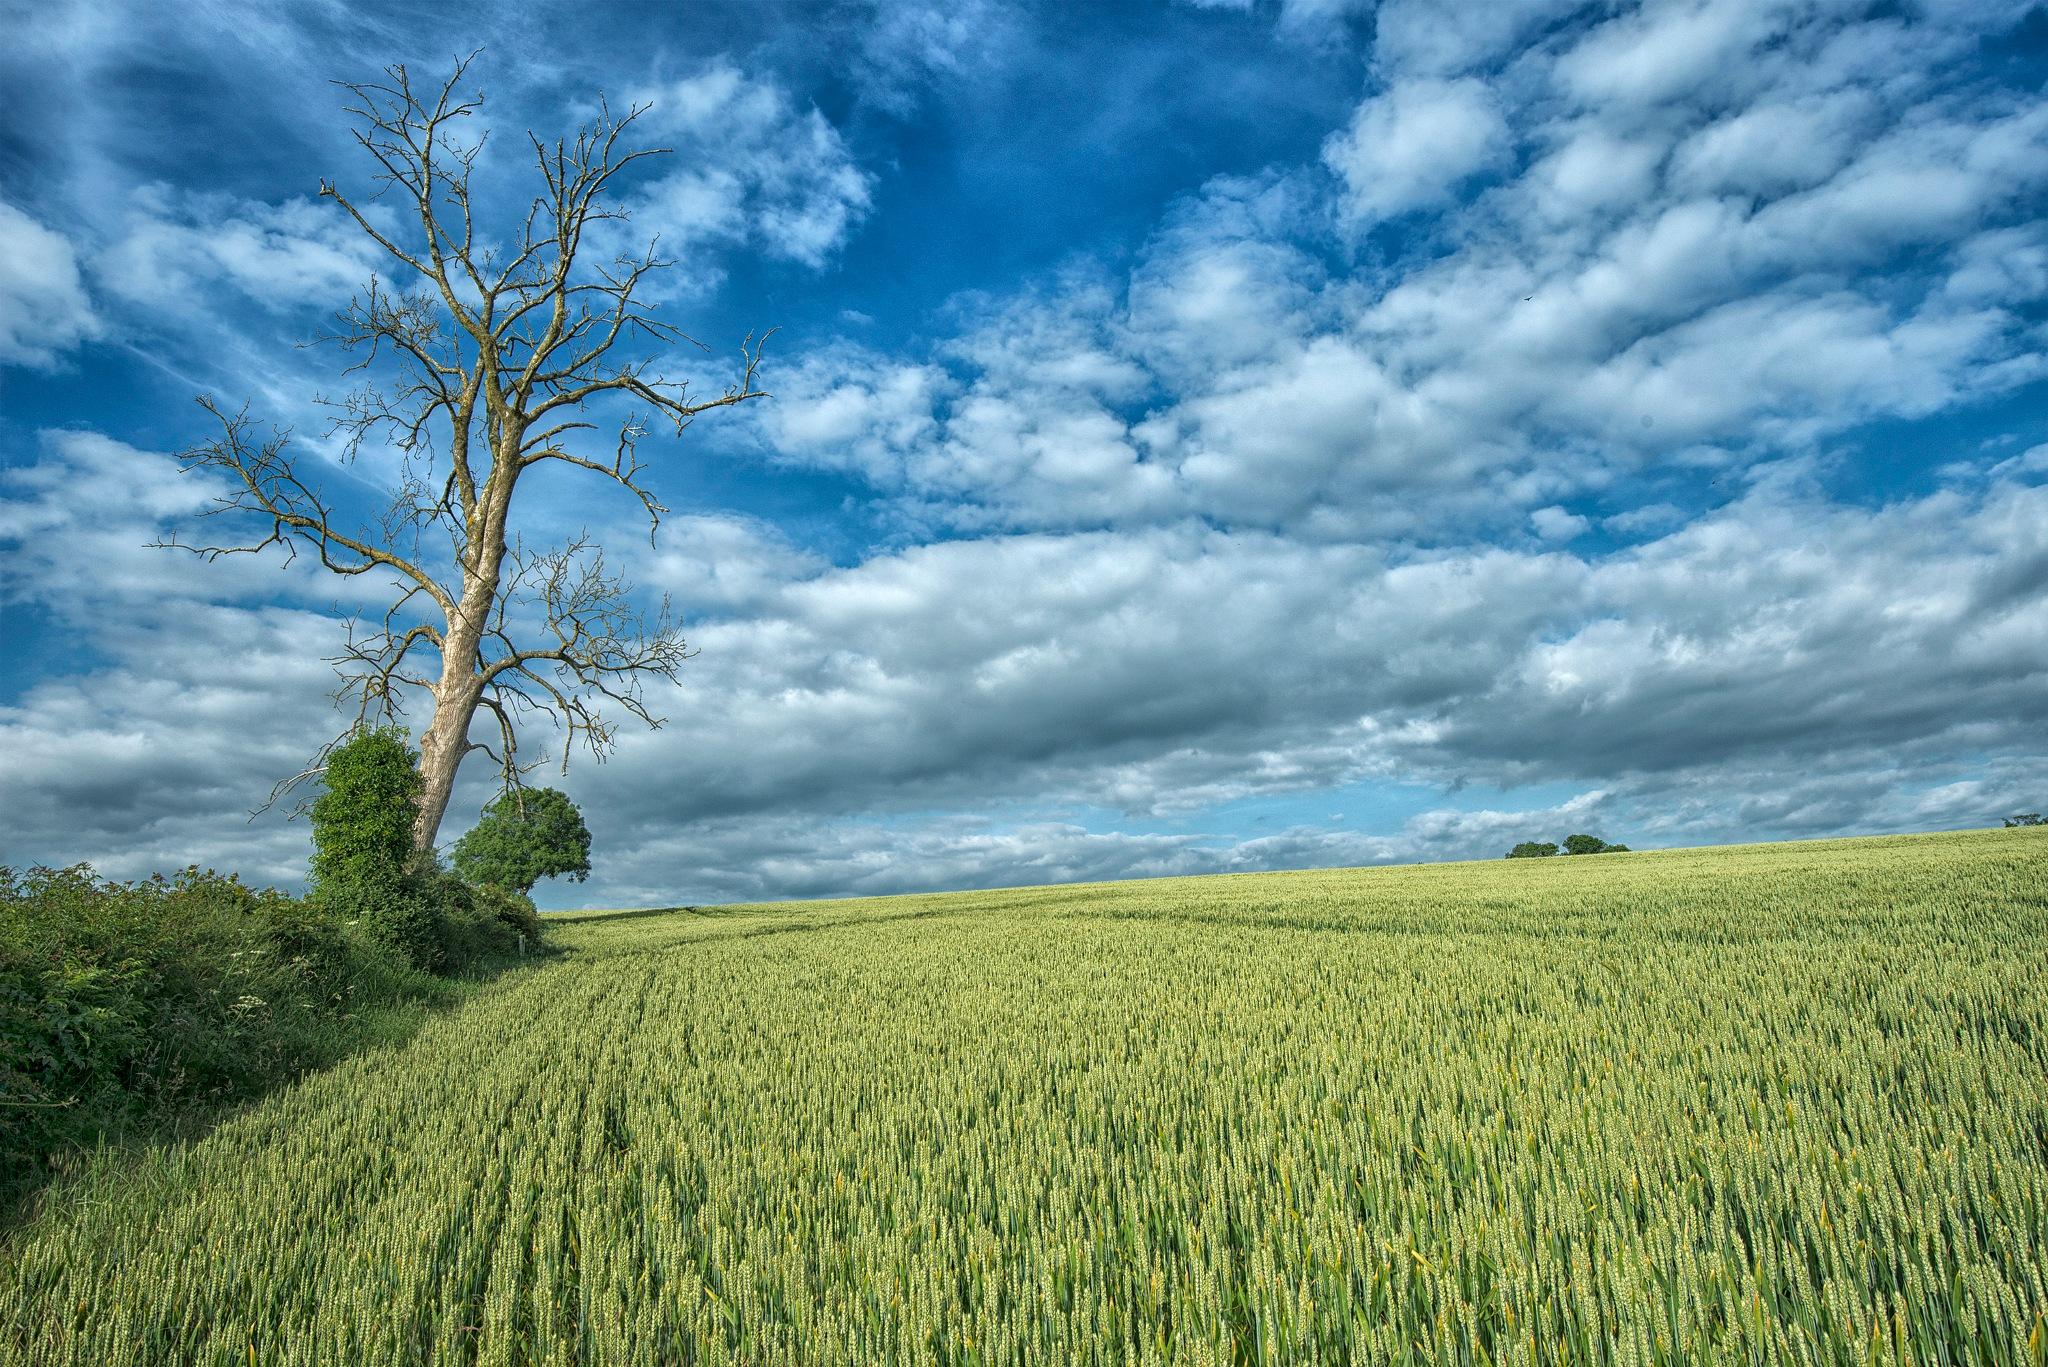 Field, Ireland by desmcmahon5